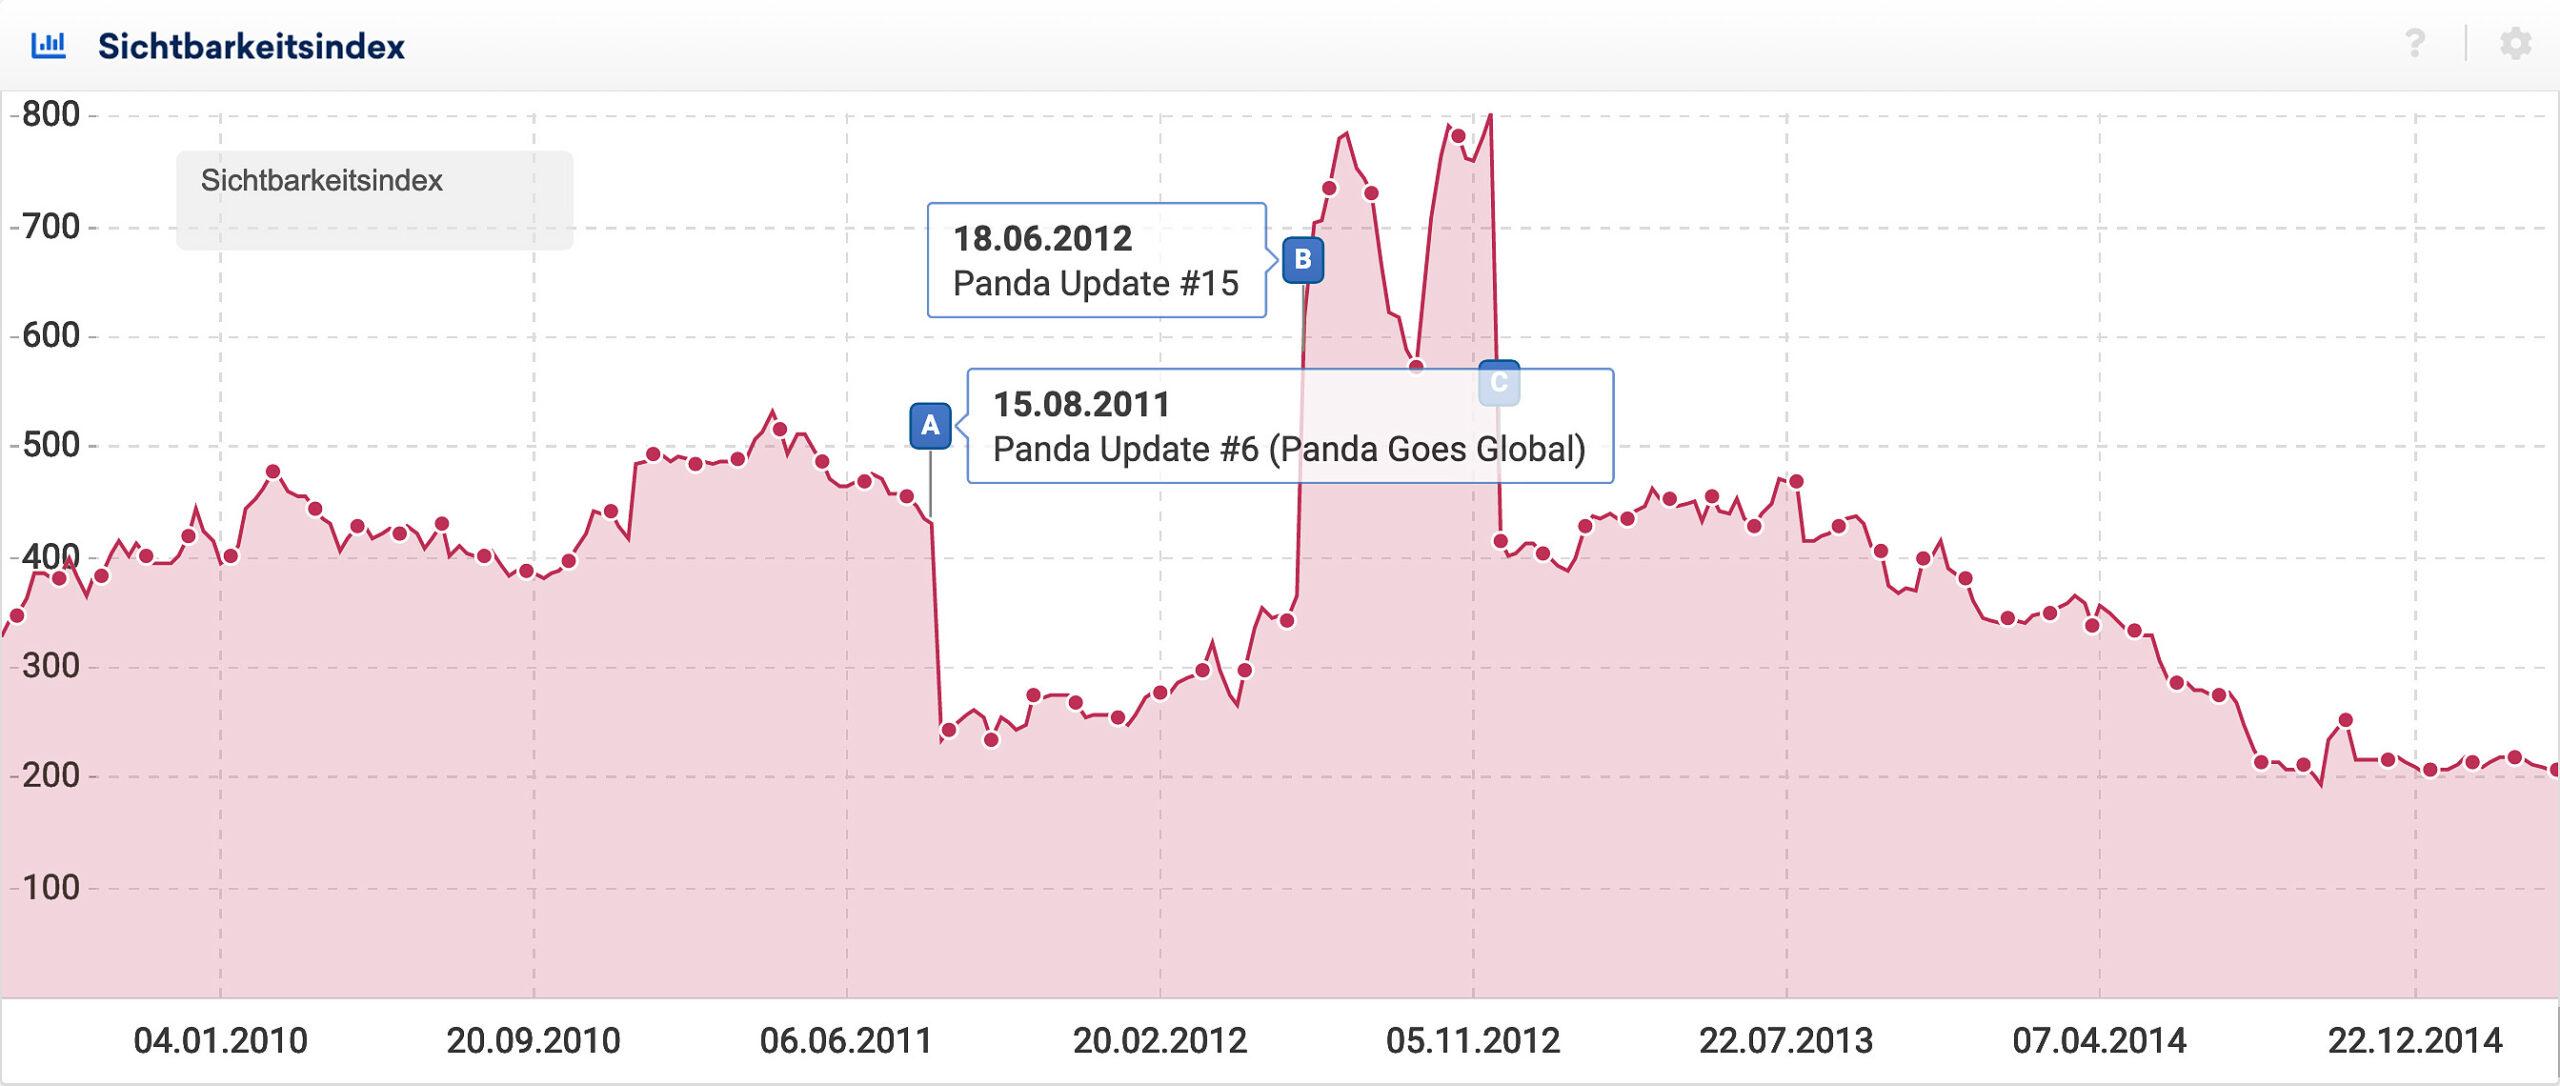 Sichtbarkeitsindex-Verlauf für ein Domain die 2011 vom Panda Update betroffen wurde und erst Mitte 2012, durch ein weiteres Panda Update, erneut an Sichtbarkeit gewonnen hat.